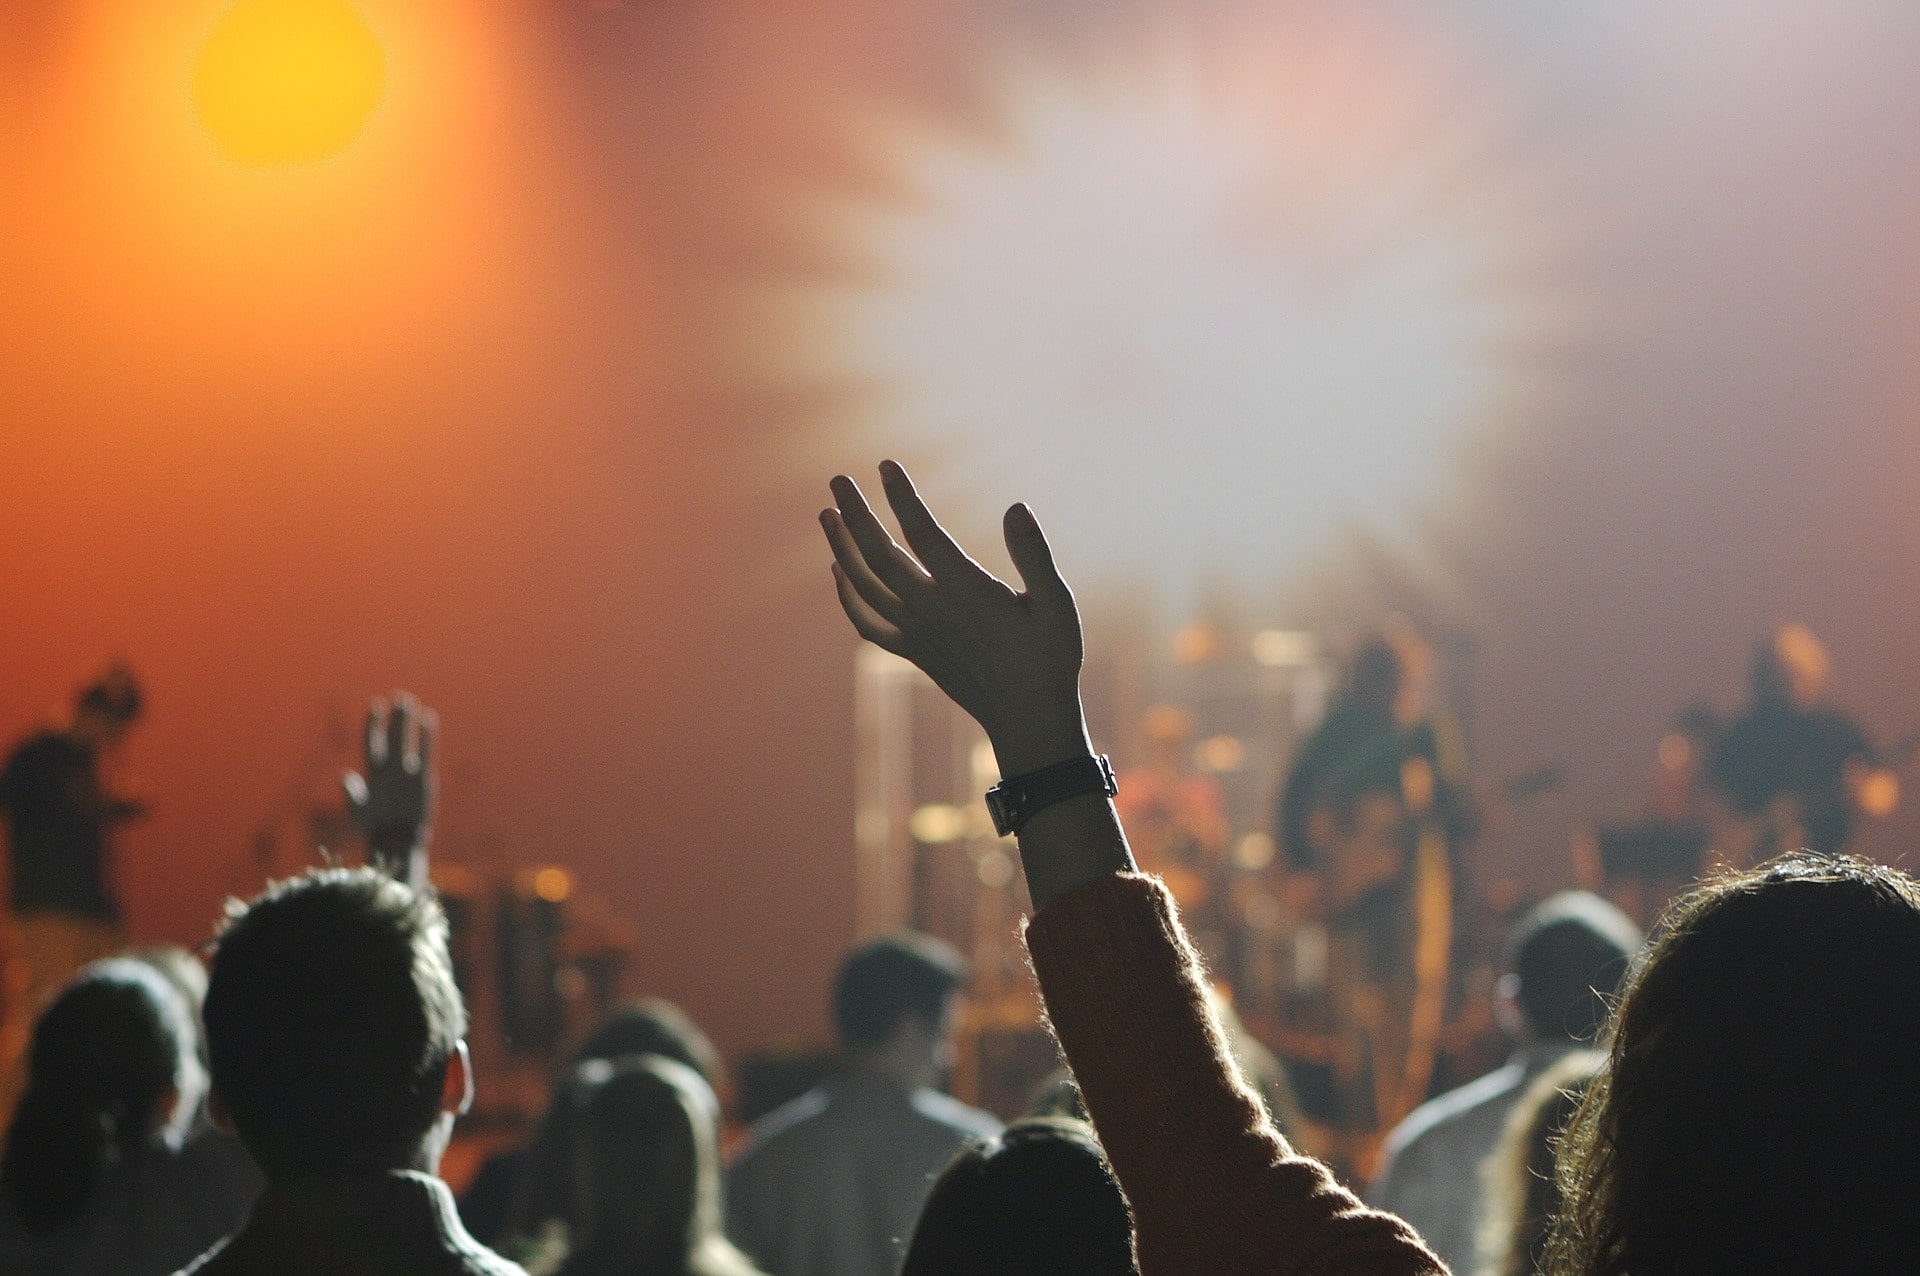 Eure Meinung: Verstärkte Sicherheitsmaßnahmen bei Konzerten